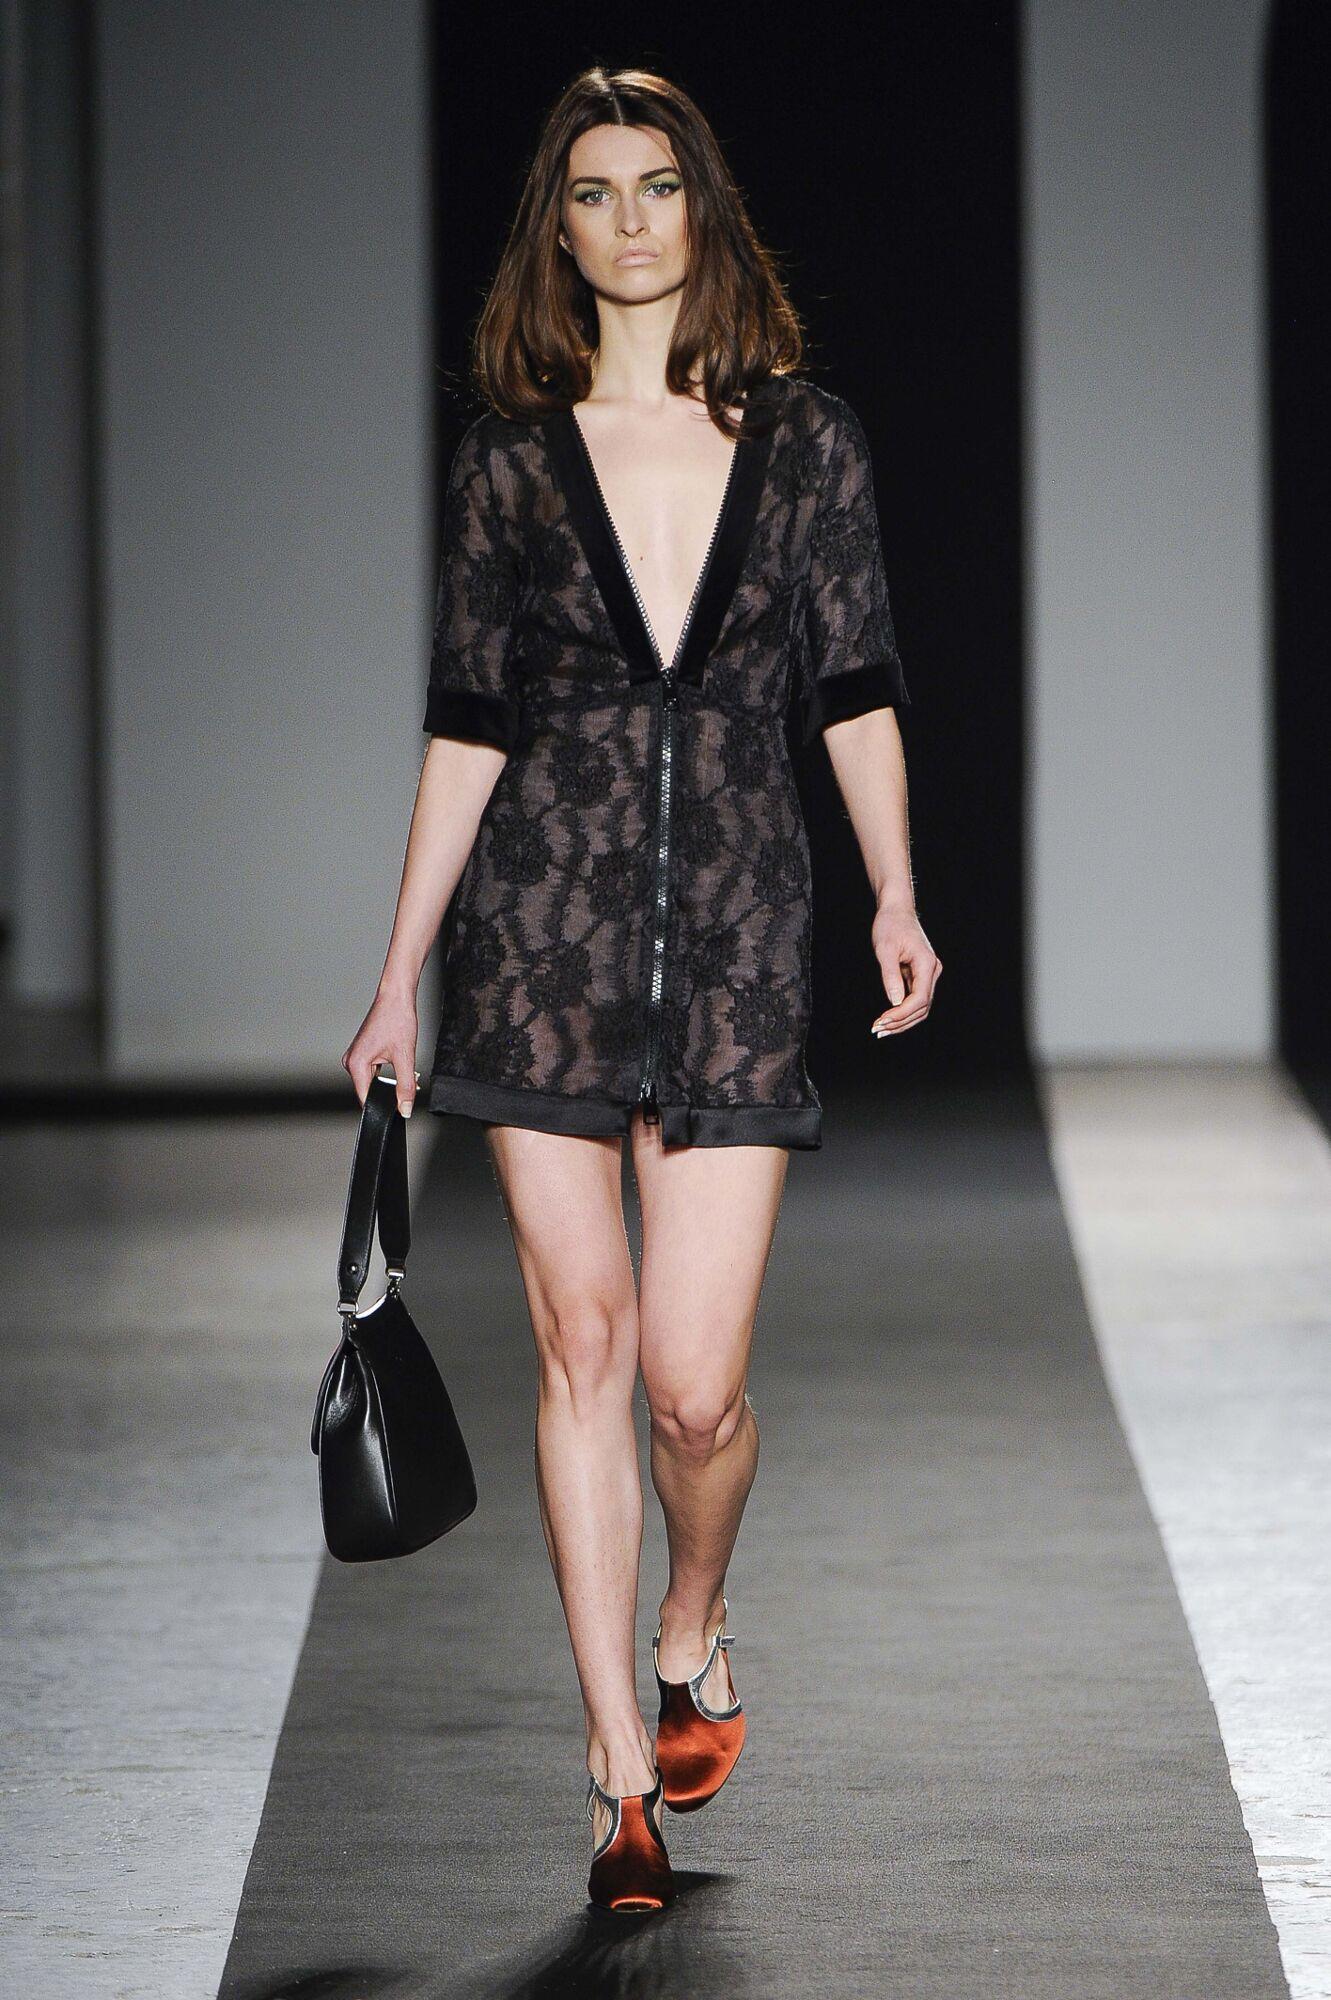 Andrea Incontri Fashion